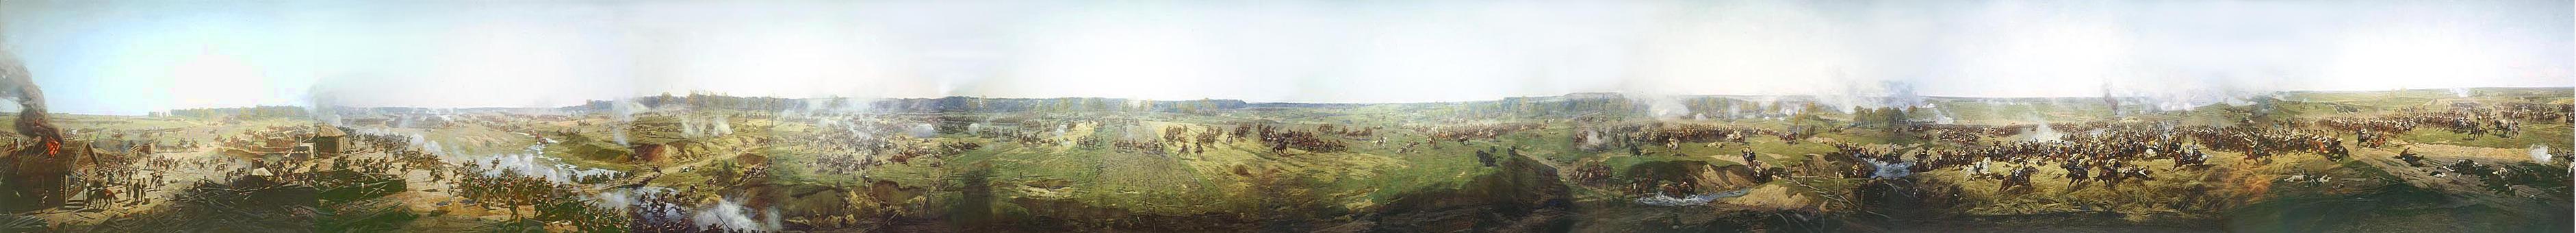 Бородинская битва 1812 г. Панорама. 1911.jpg